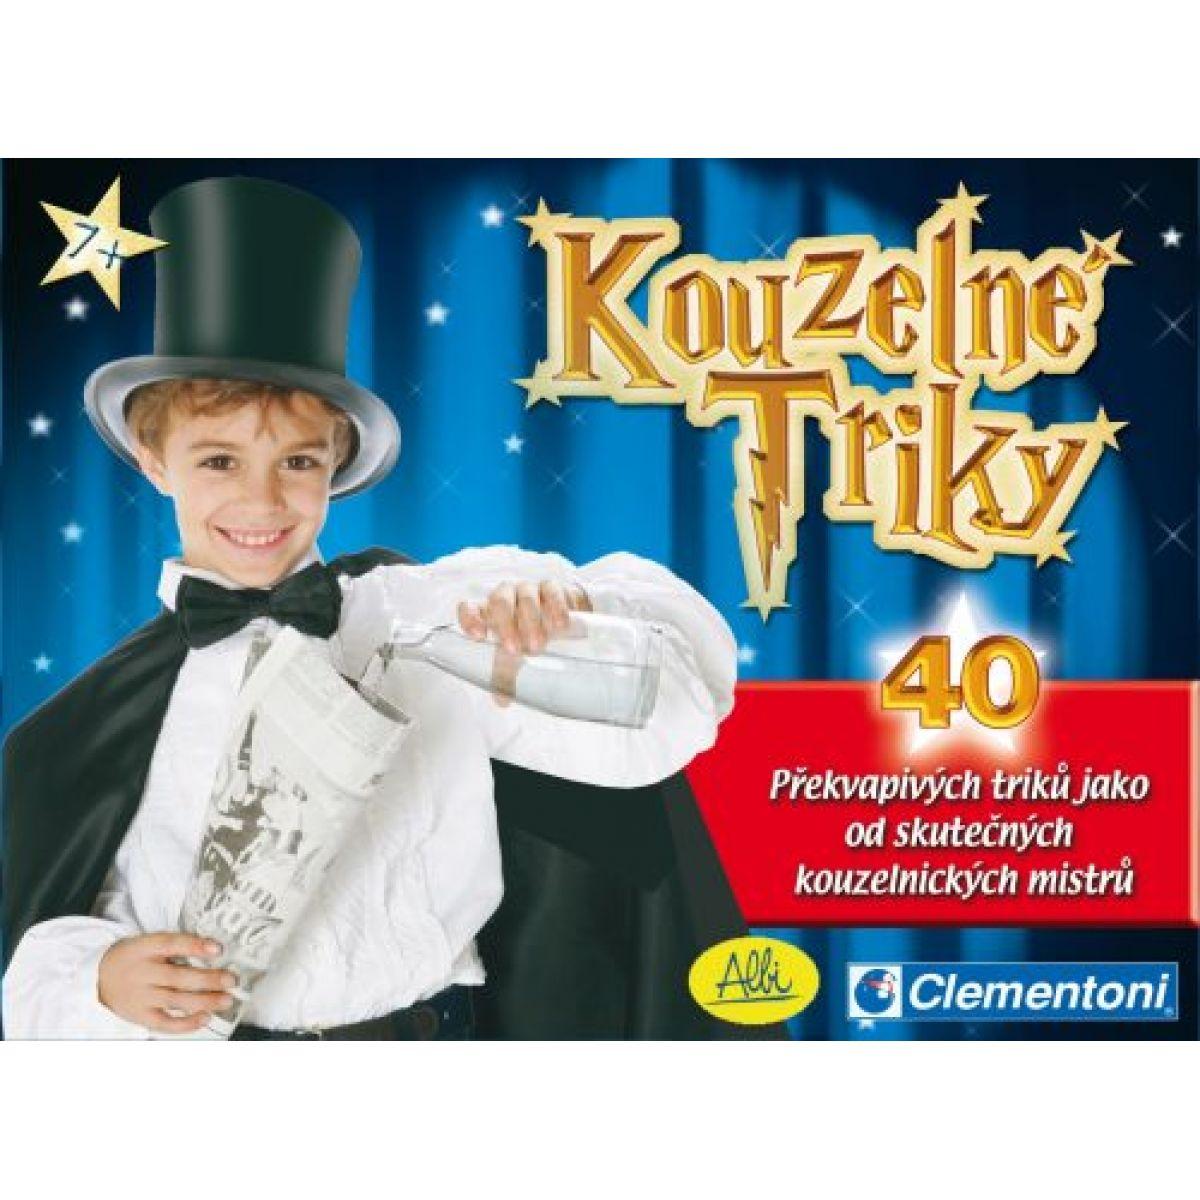 Clementoni 11479 - Kouzelné triky - sada 40 kouzel